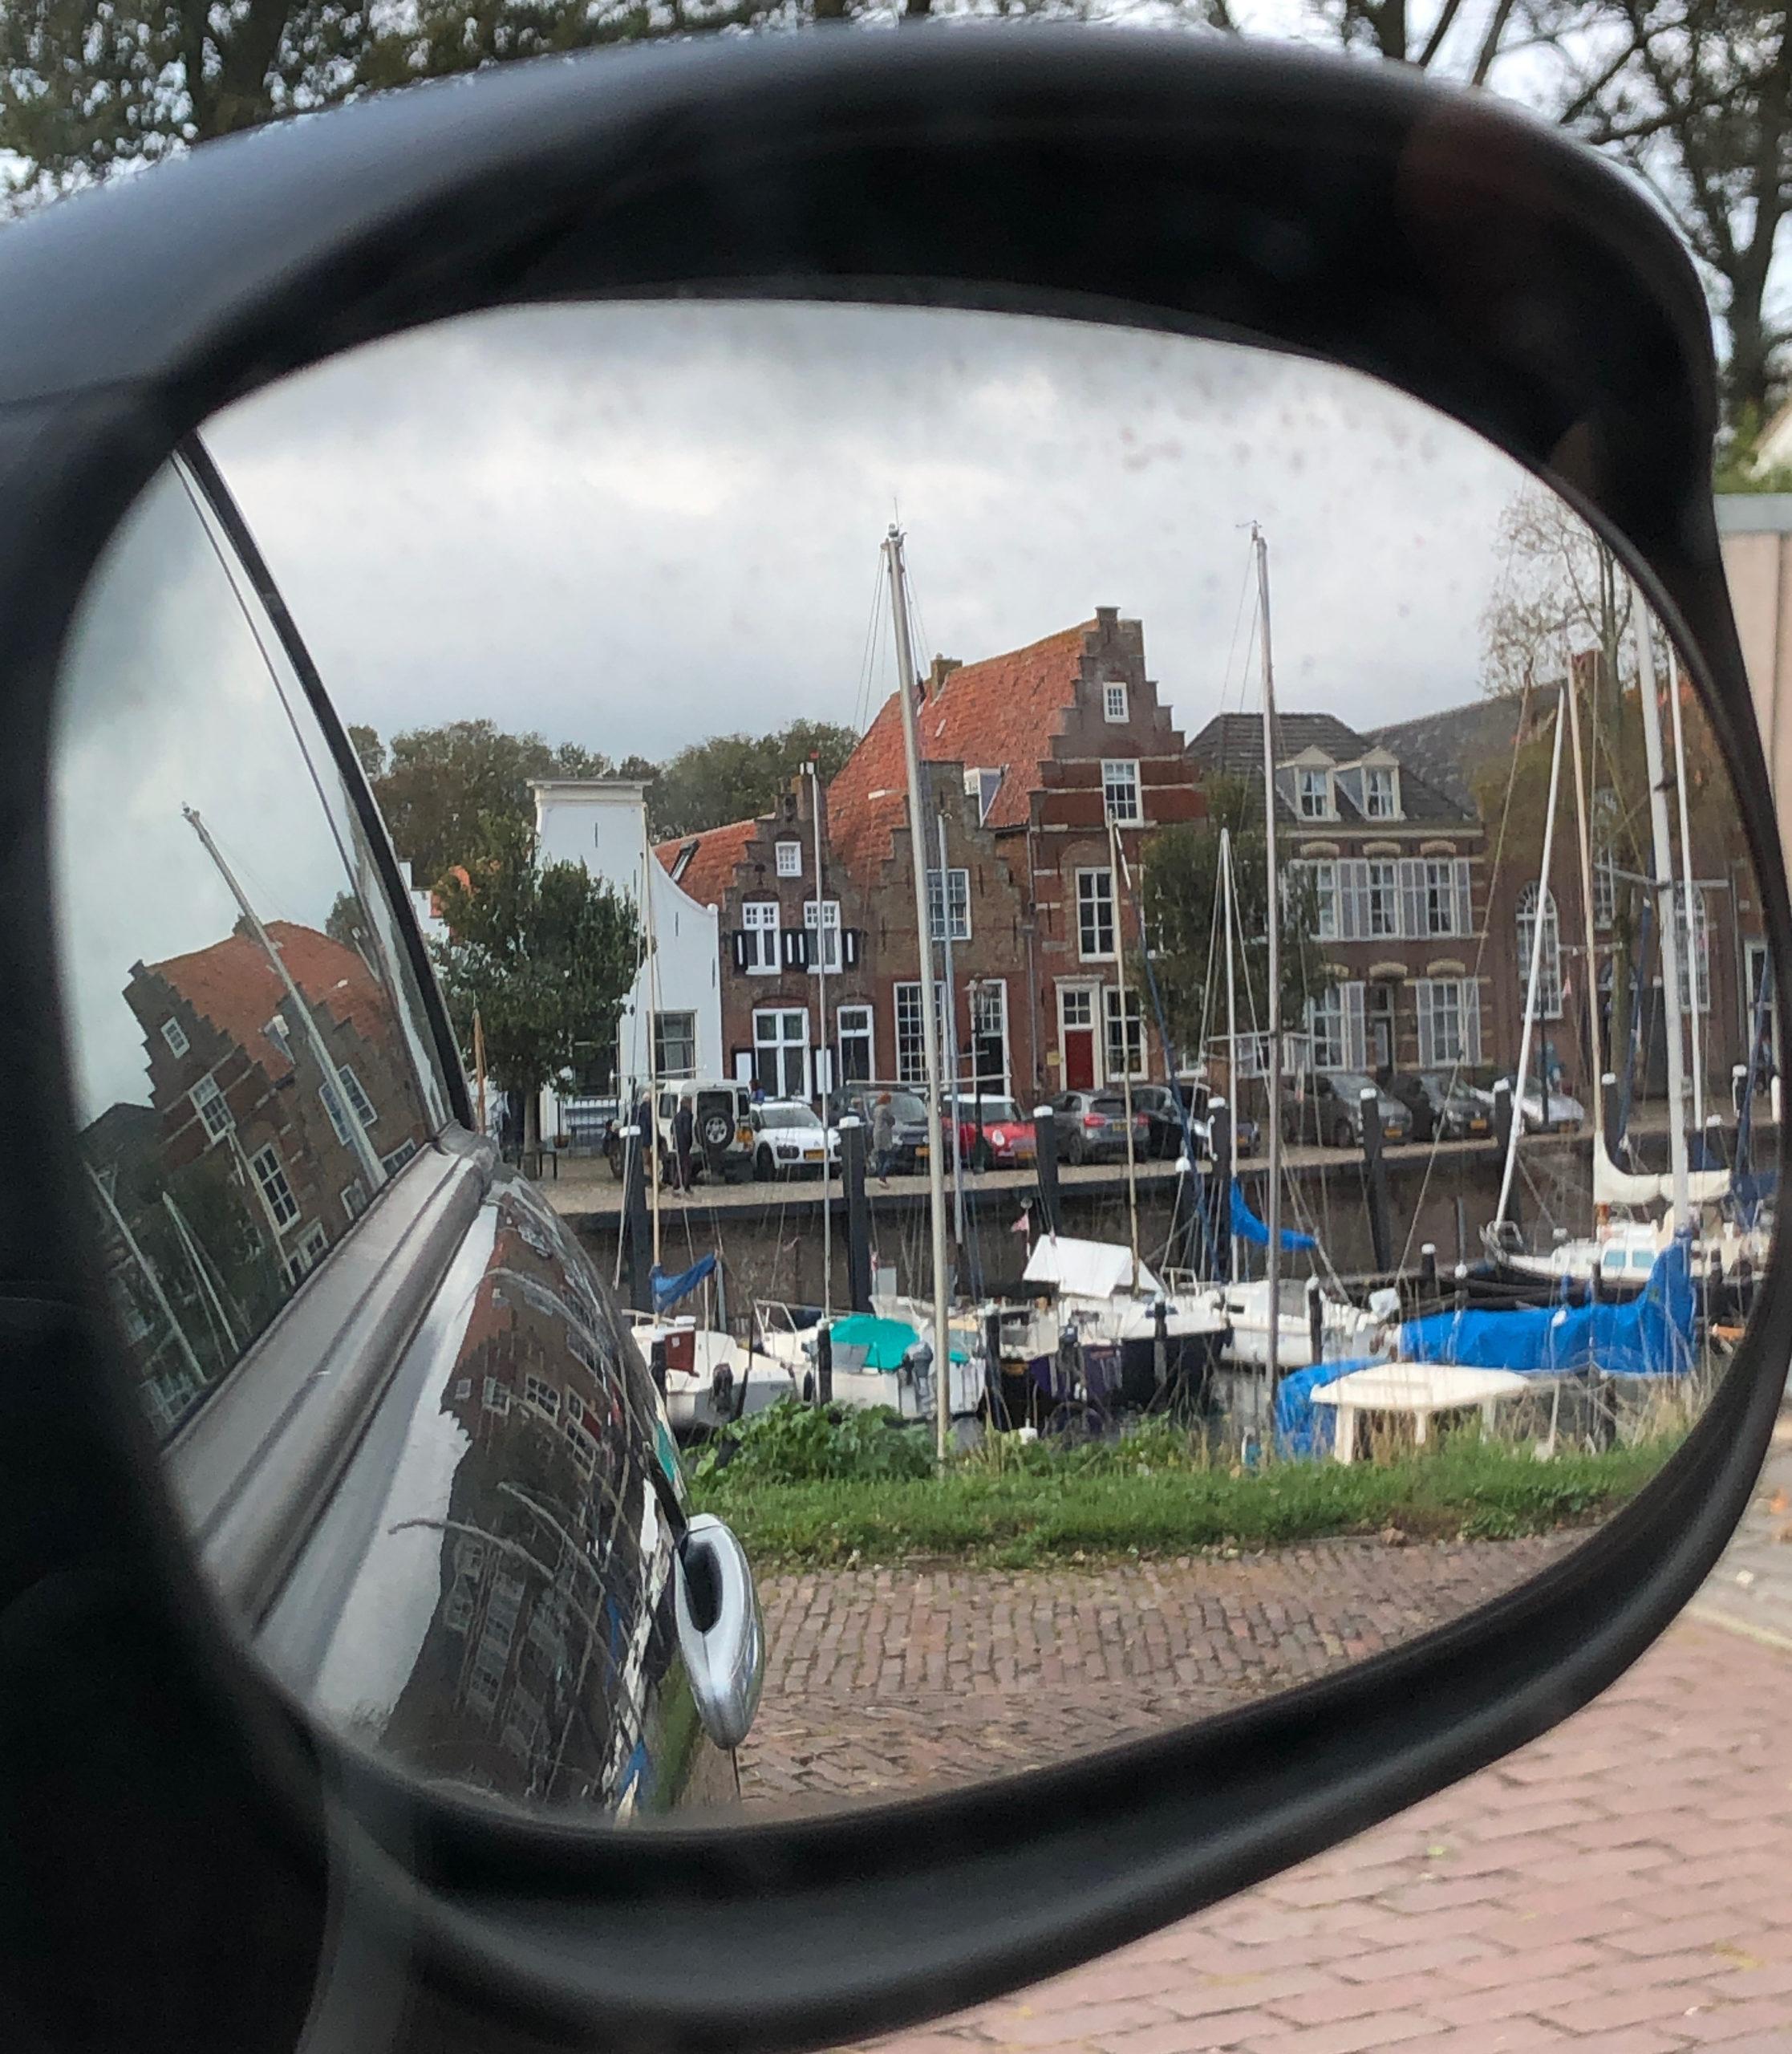 Der Hafen des Städtchens Veere in Zeeland im Rückspiegel des Autos